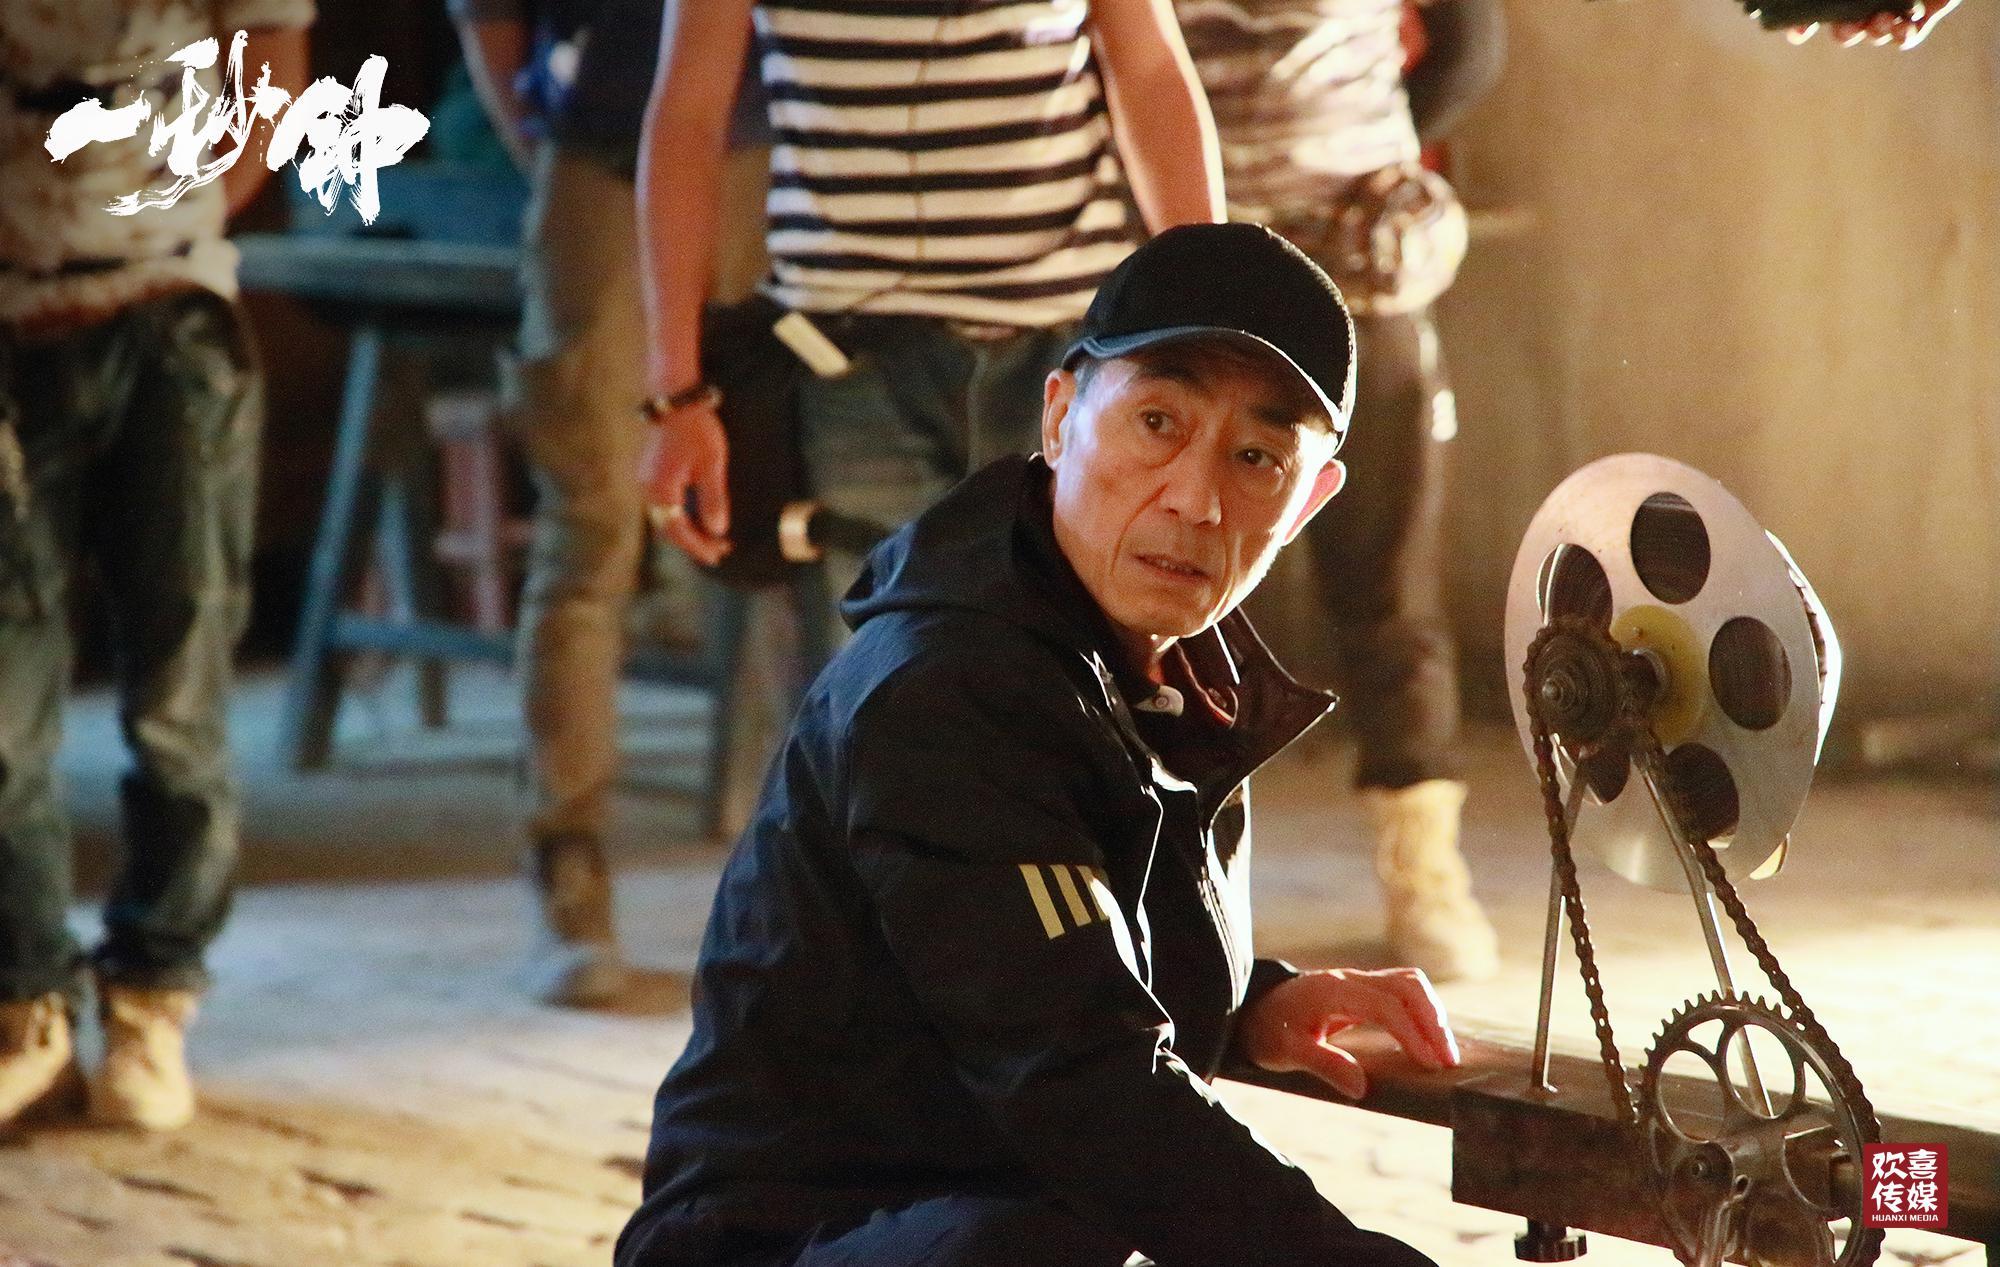 《一秒钟》在京首映,张艺谋:更在意传递对美好情感的留恋